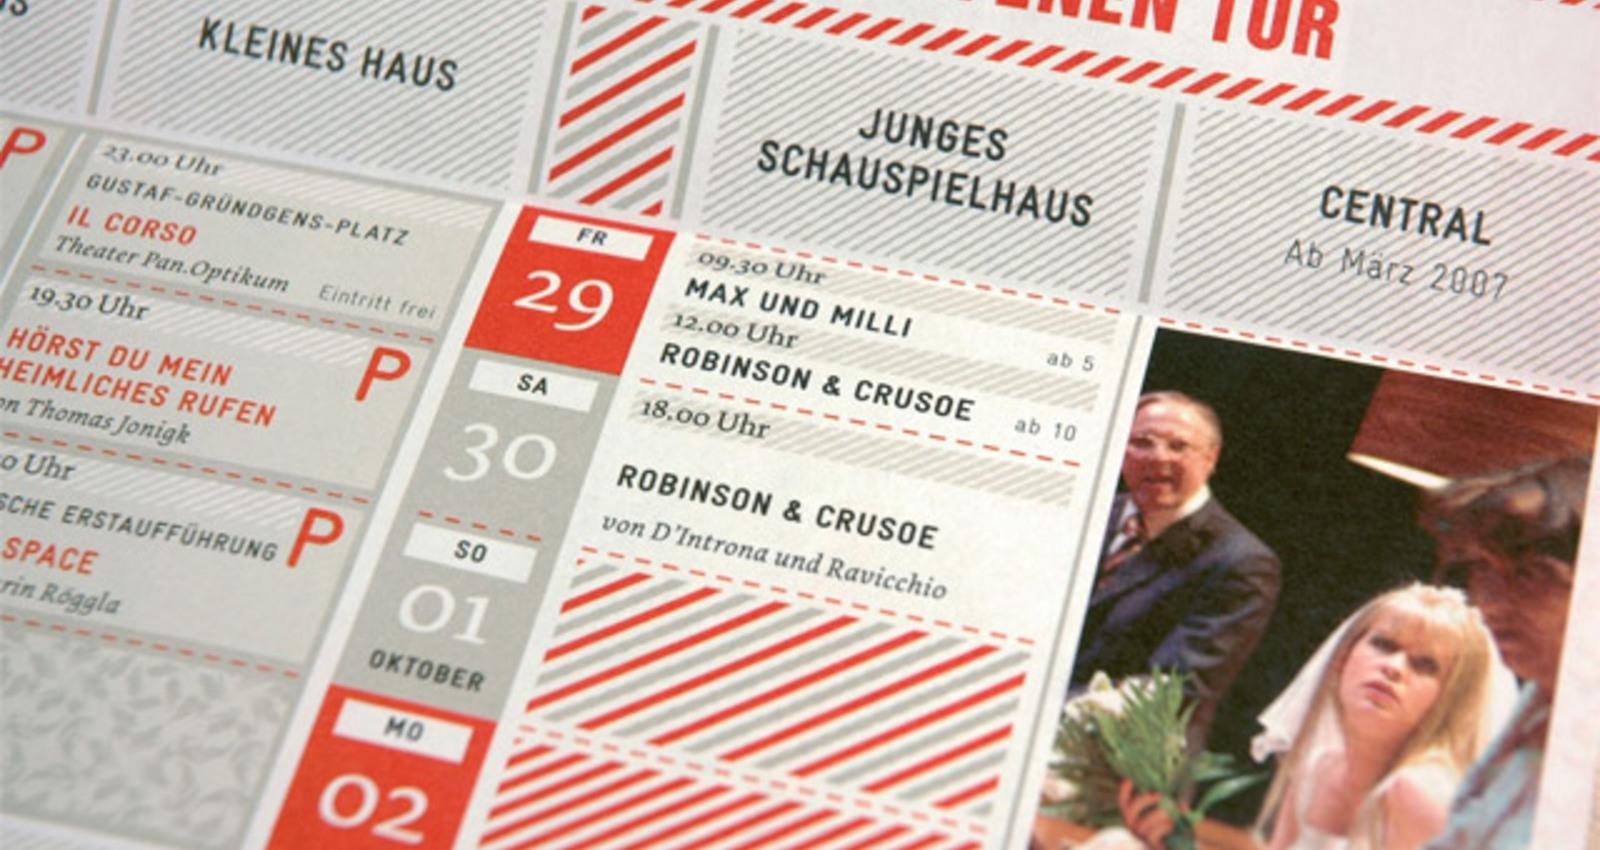 Duesseldorfer Schauspielhaus CD